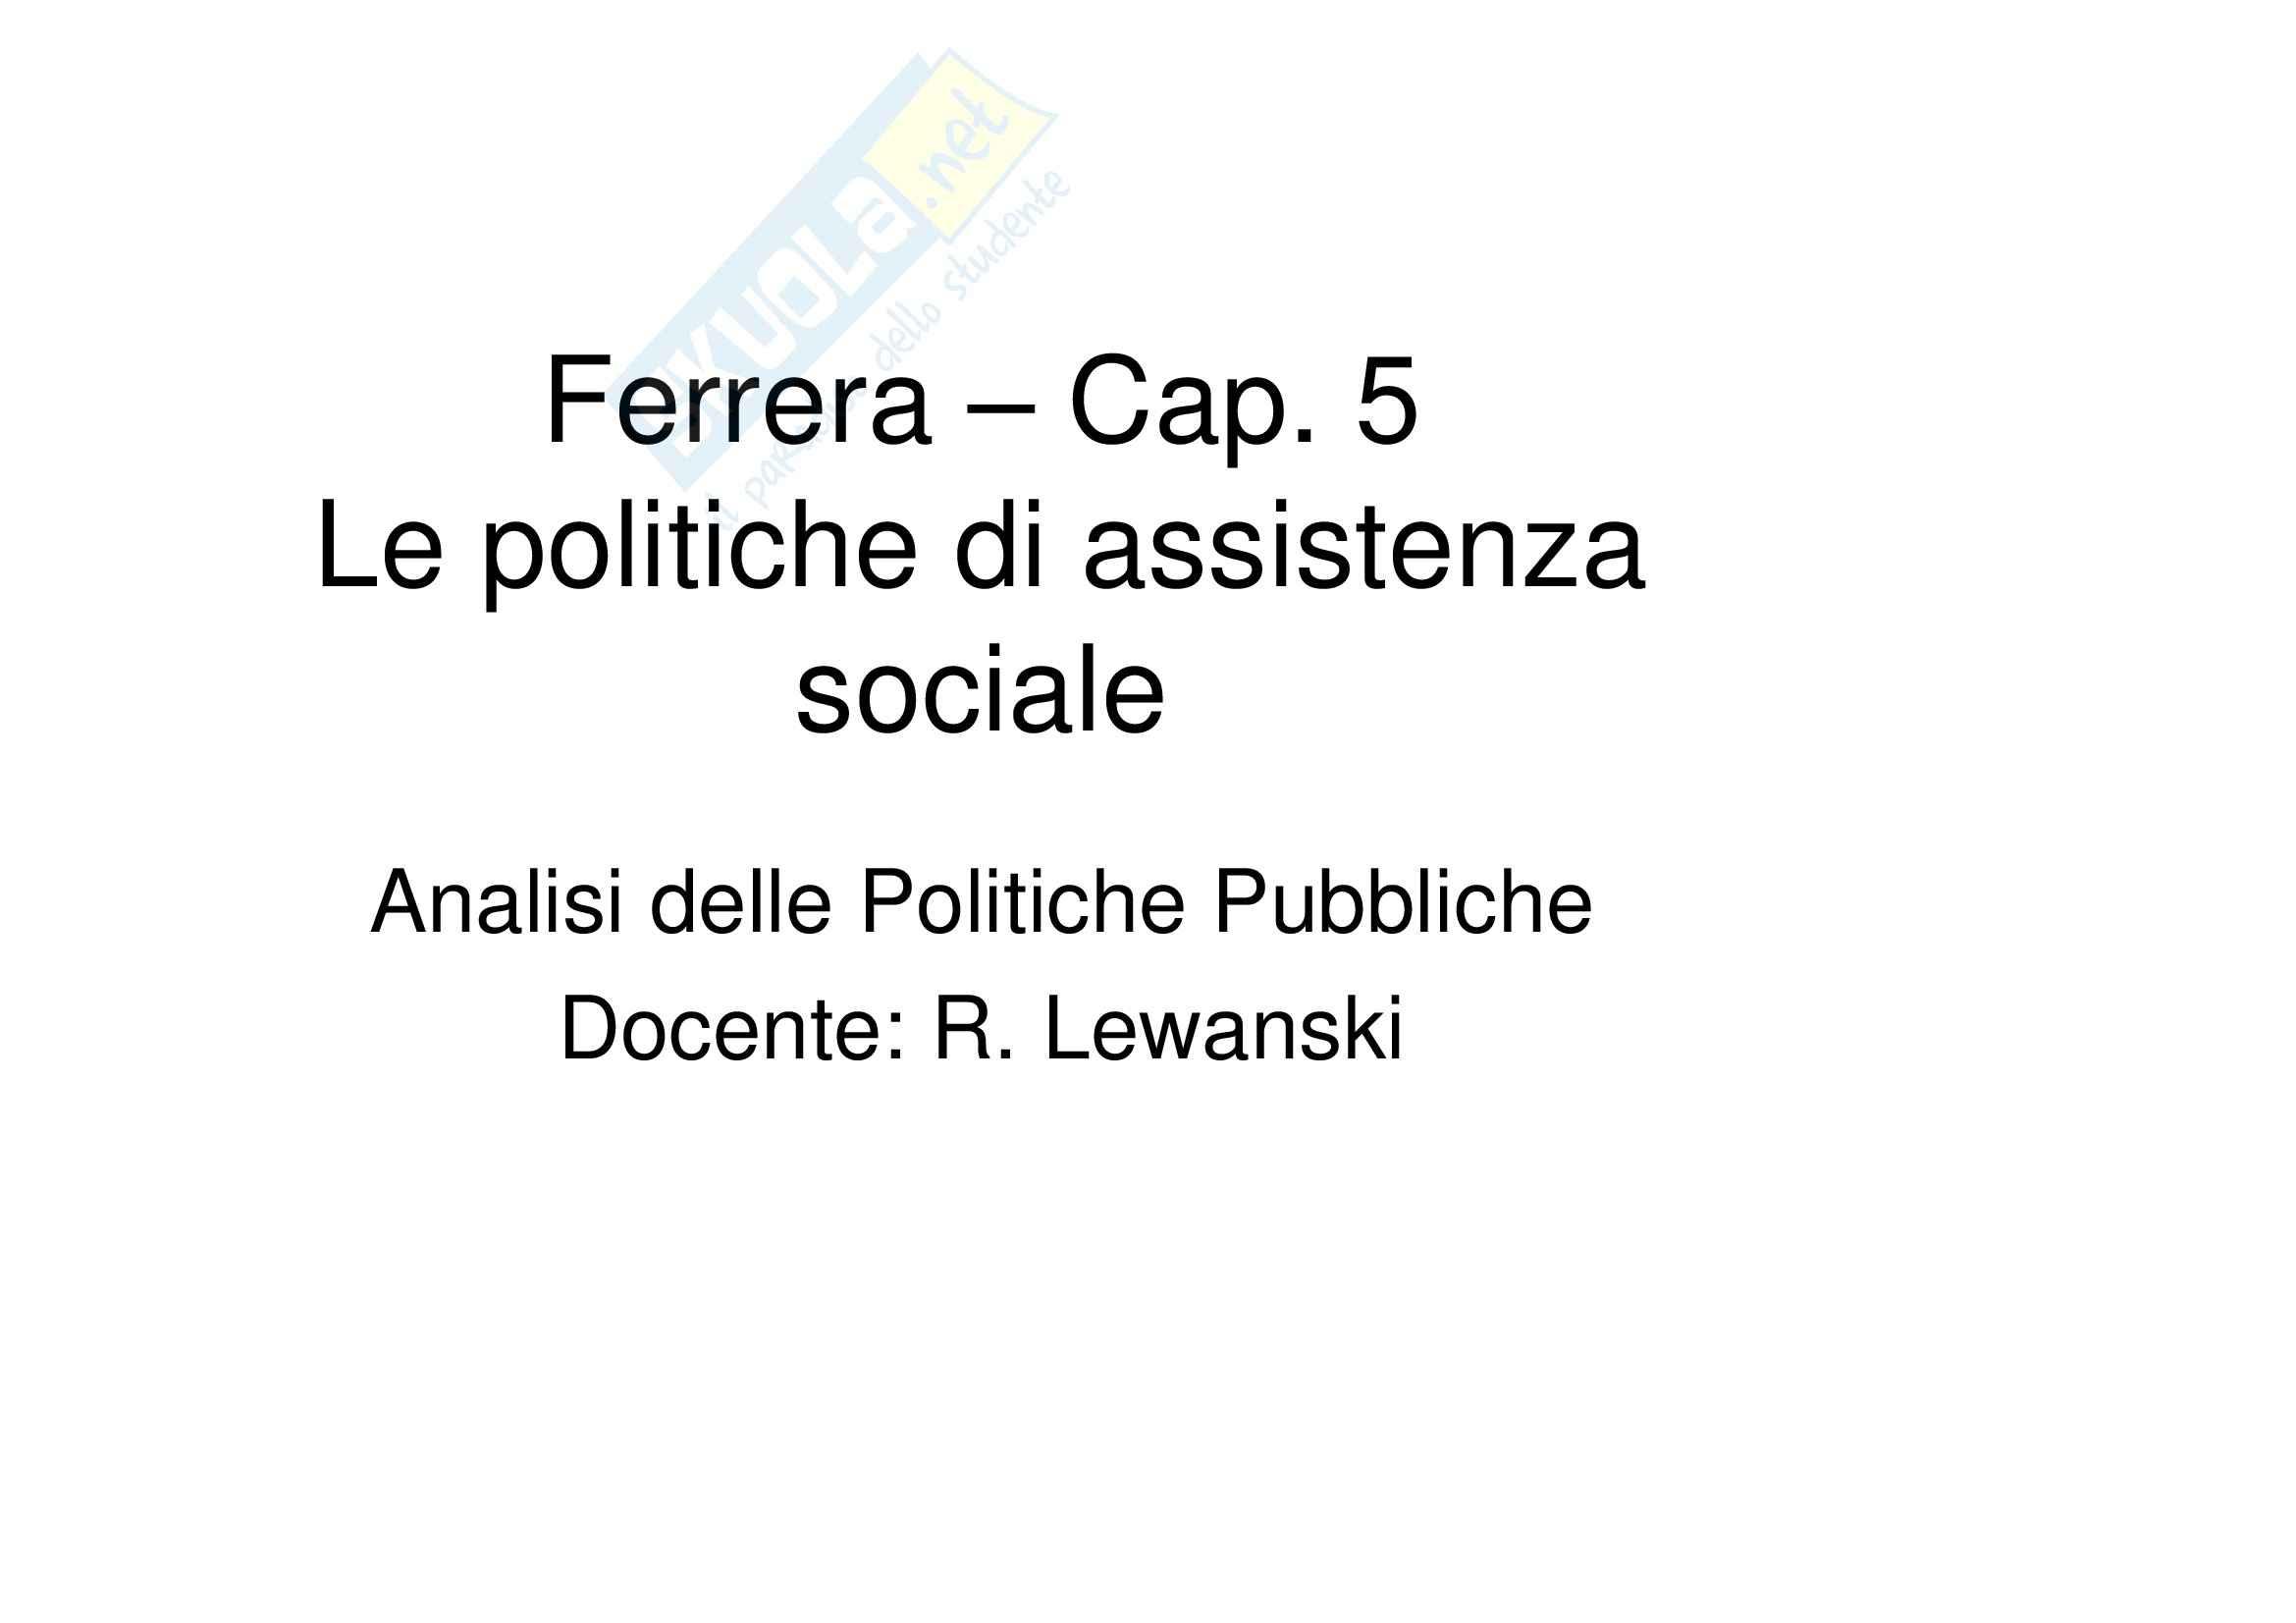 Le politiche sociali, Ferrera - Appunti cap. 1